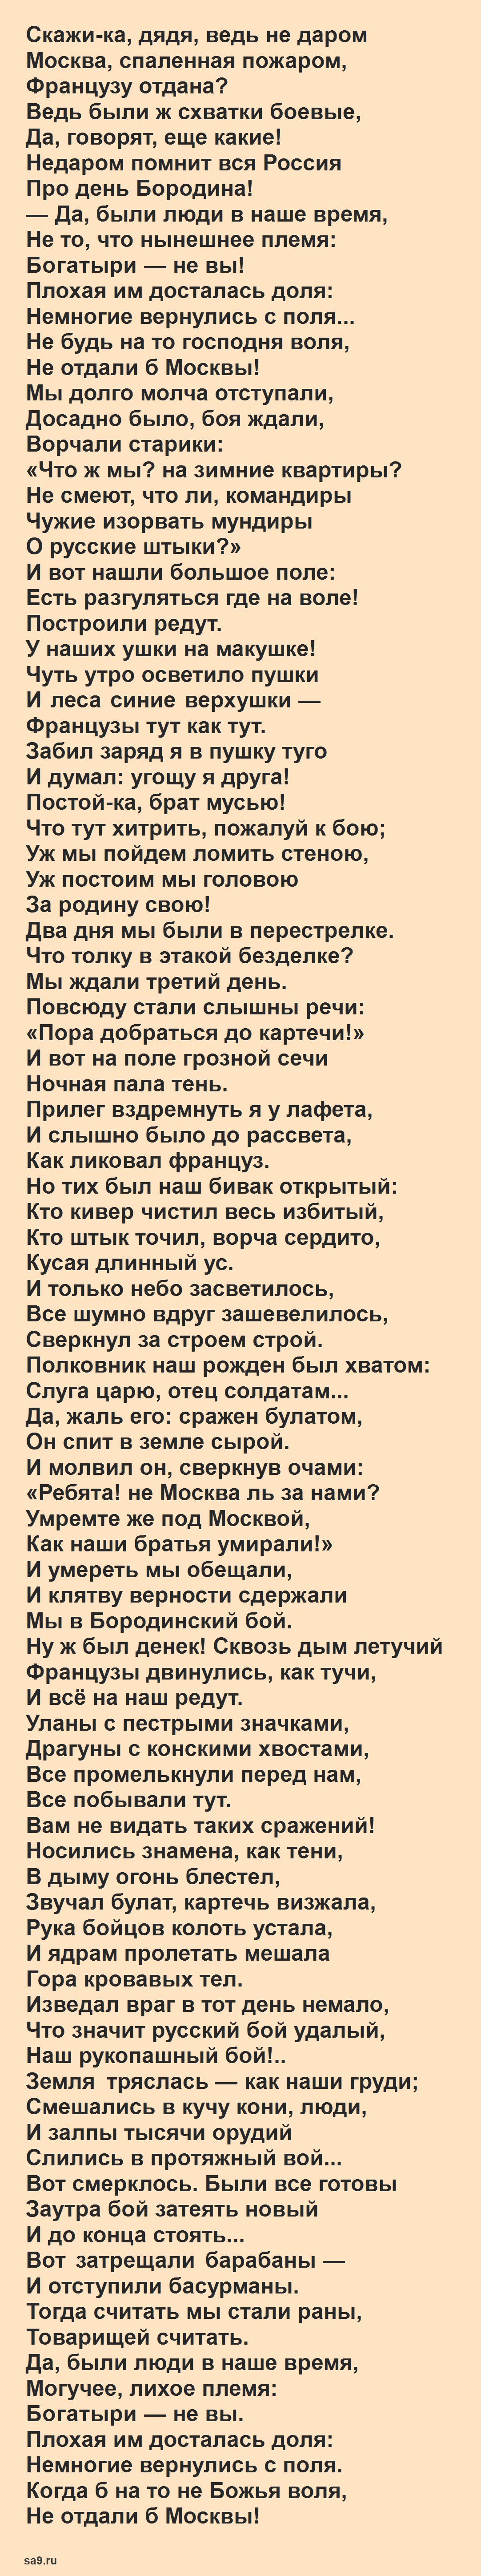 Стих Бородино - Лермонтов